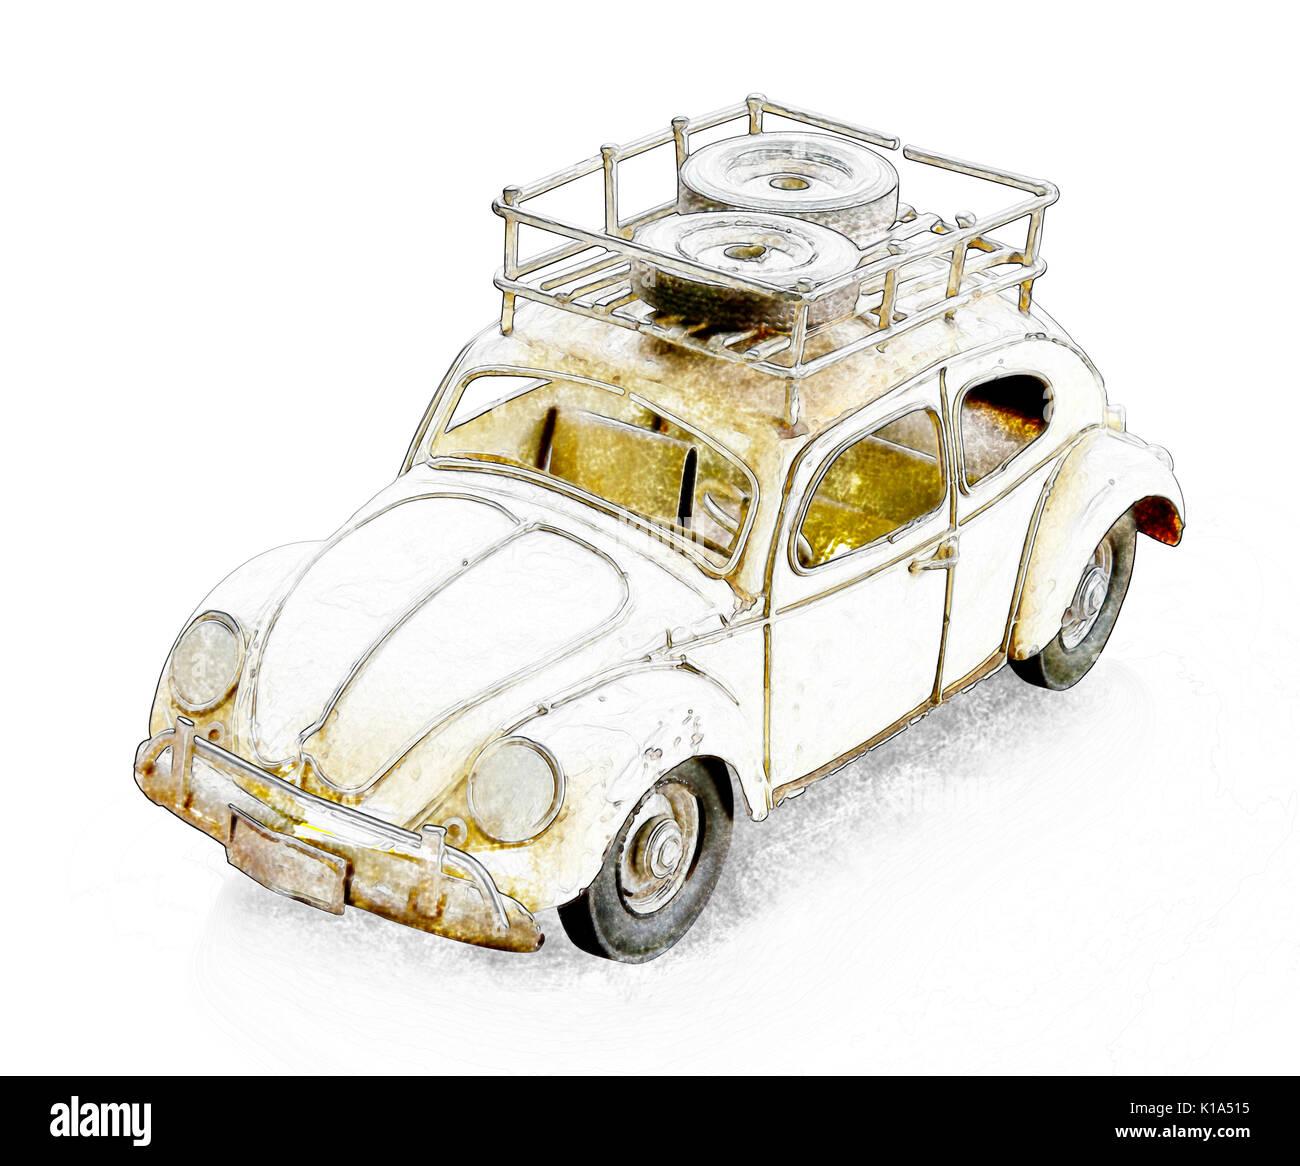 Retro auto Zeichnung Skizze Stockfoto, Bild: 155731441 - Alamy